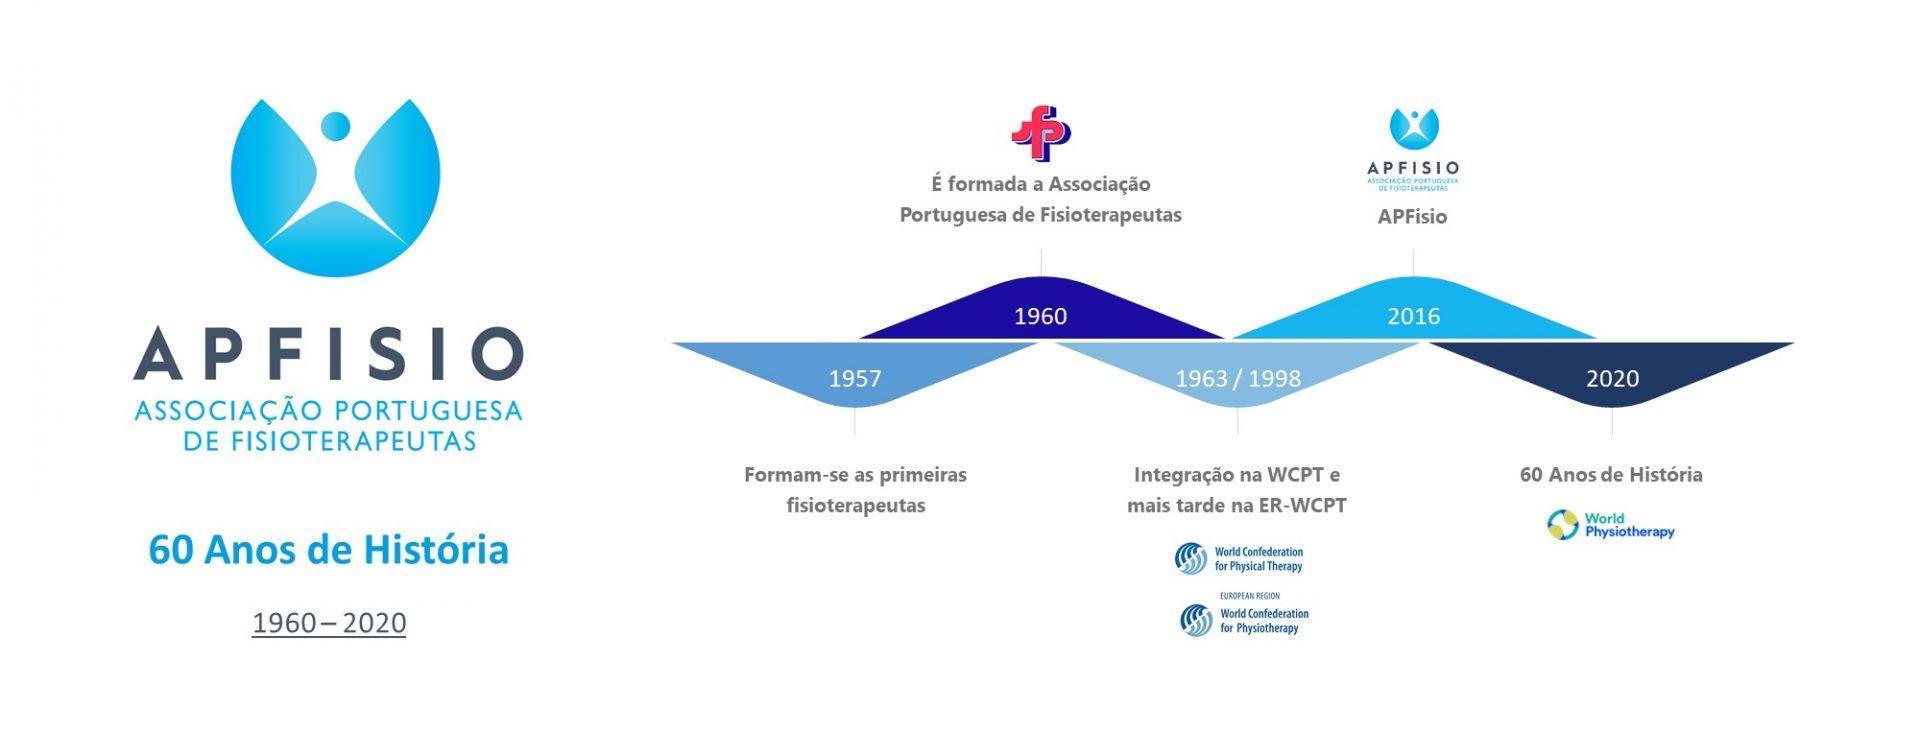 <p>60 anos de História da Associação Portuguesa de Fisioterapeutas</p>